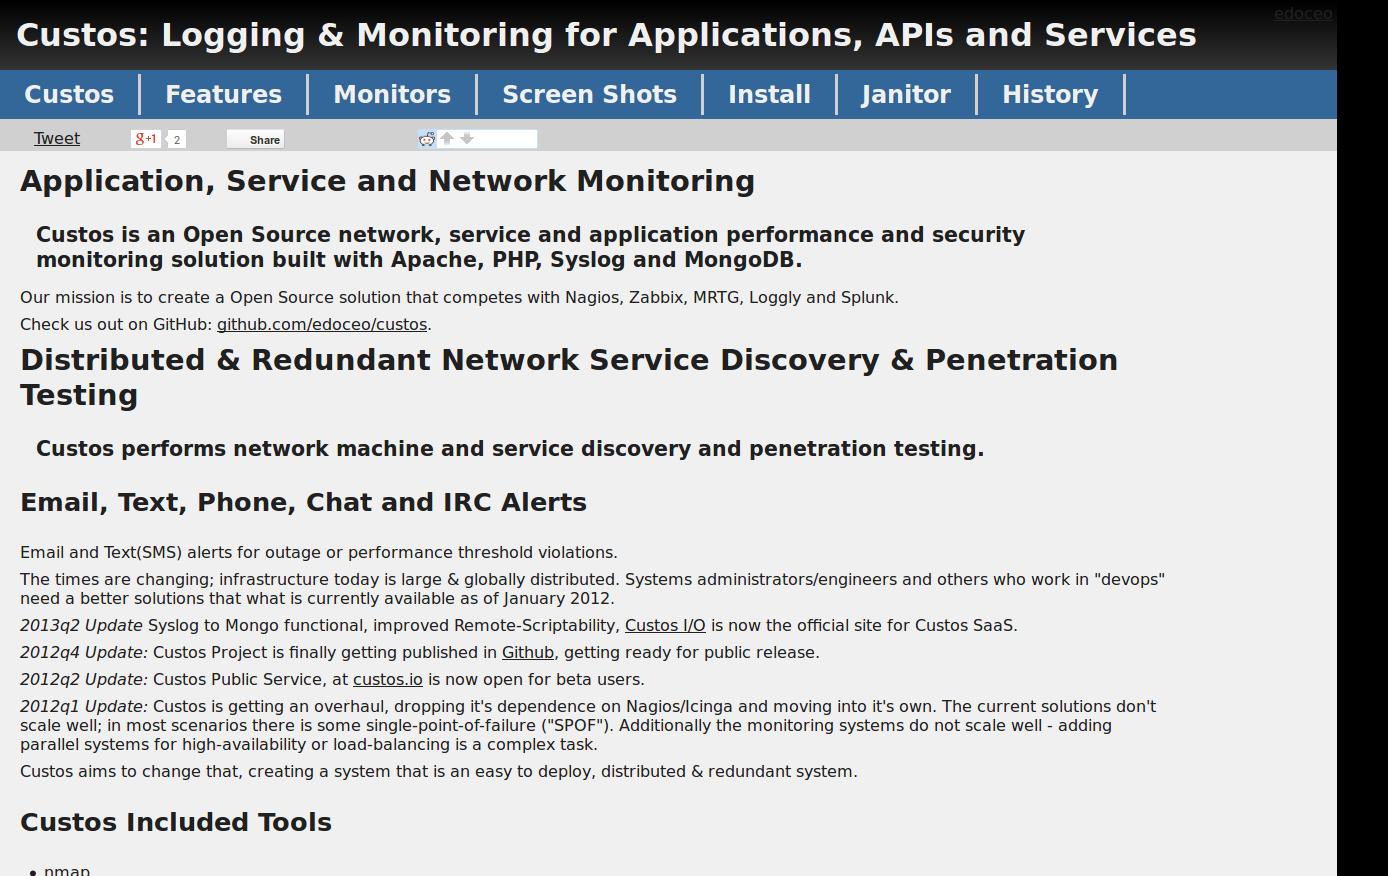 Custos é uma solução livre que agrega vários softwares, oferecendo recursos de monitoramento de aplicações, serviços e rede, com destaque para monitoramento da segurança através de testes de penetração